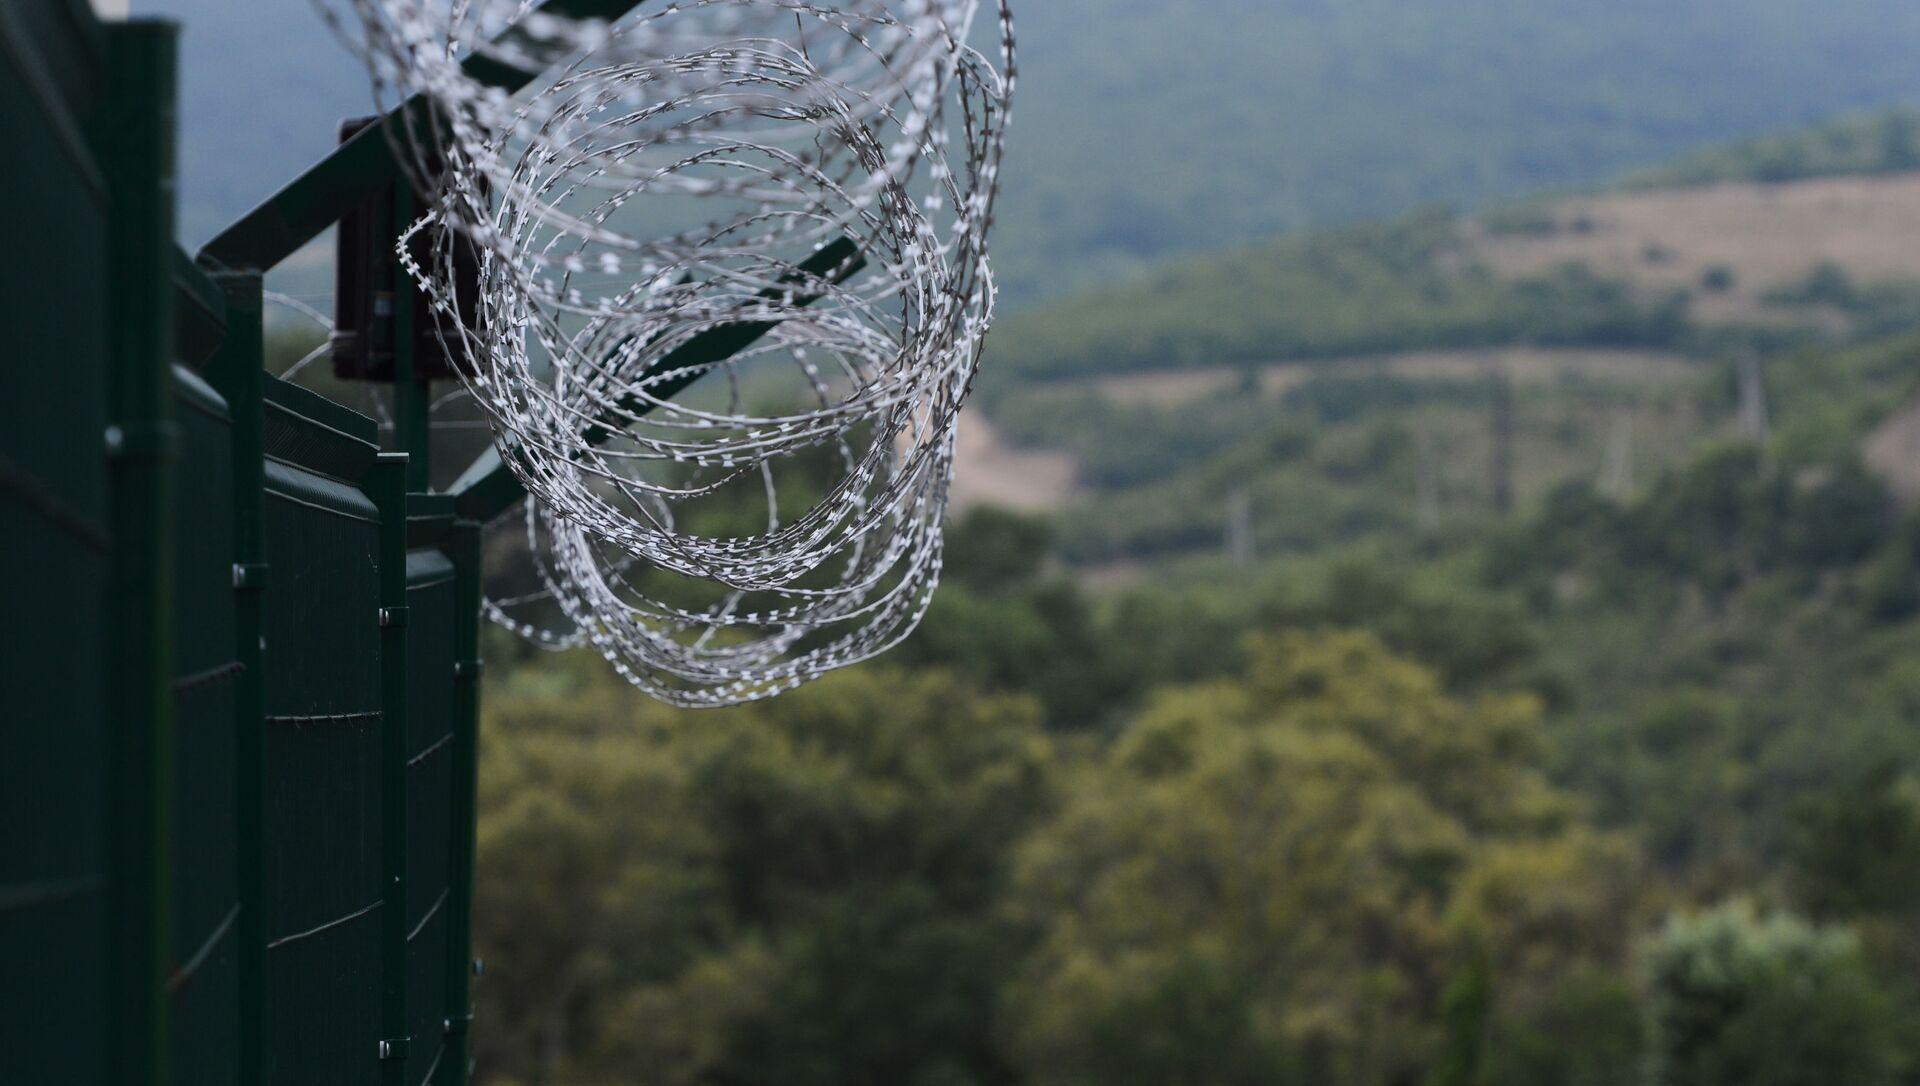 Пограничный пост упрощенного перехода границы Мосабруни Республики Южная Осетия. - Sputnik Абхазия, 1920, 06.09.2021